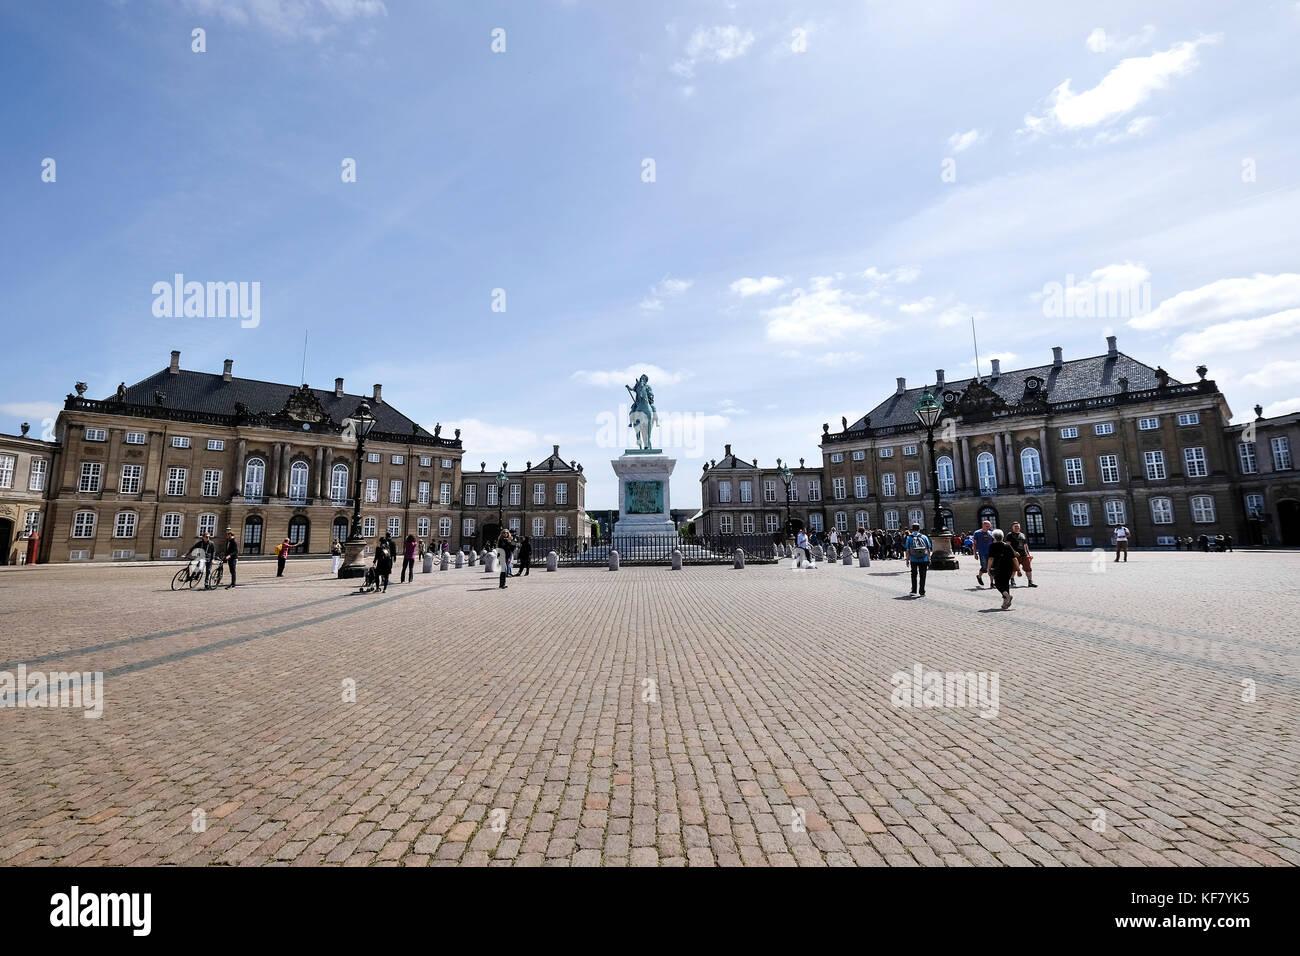 Denmark, Copenhagen, Real Palace of Amalienborg - Stock Image